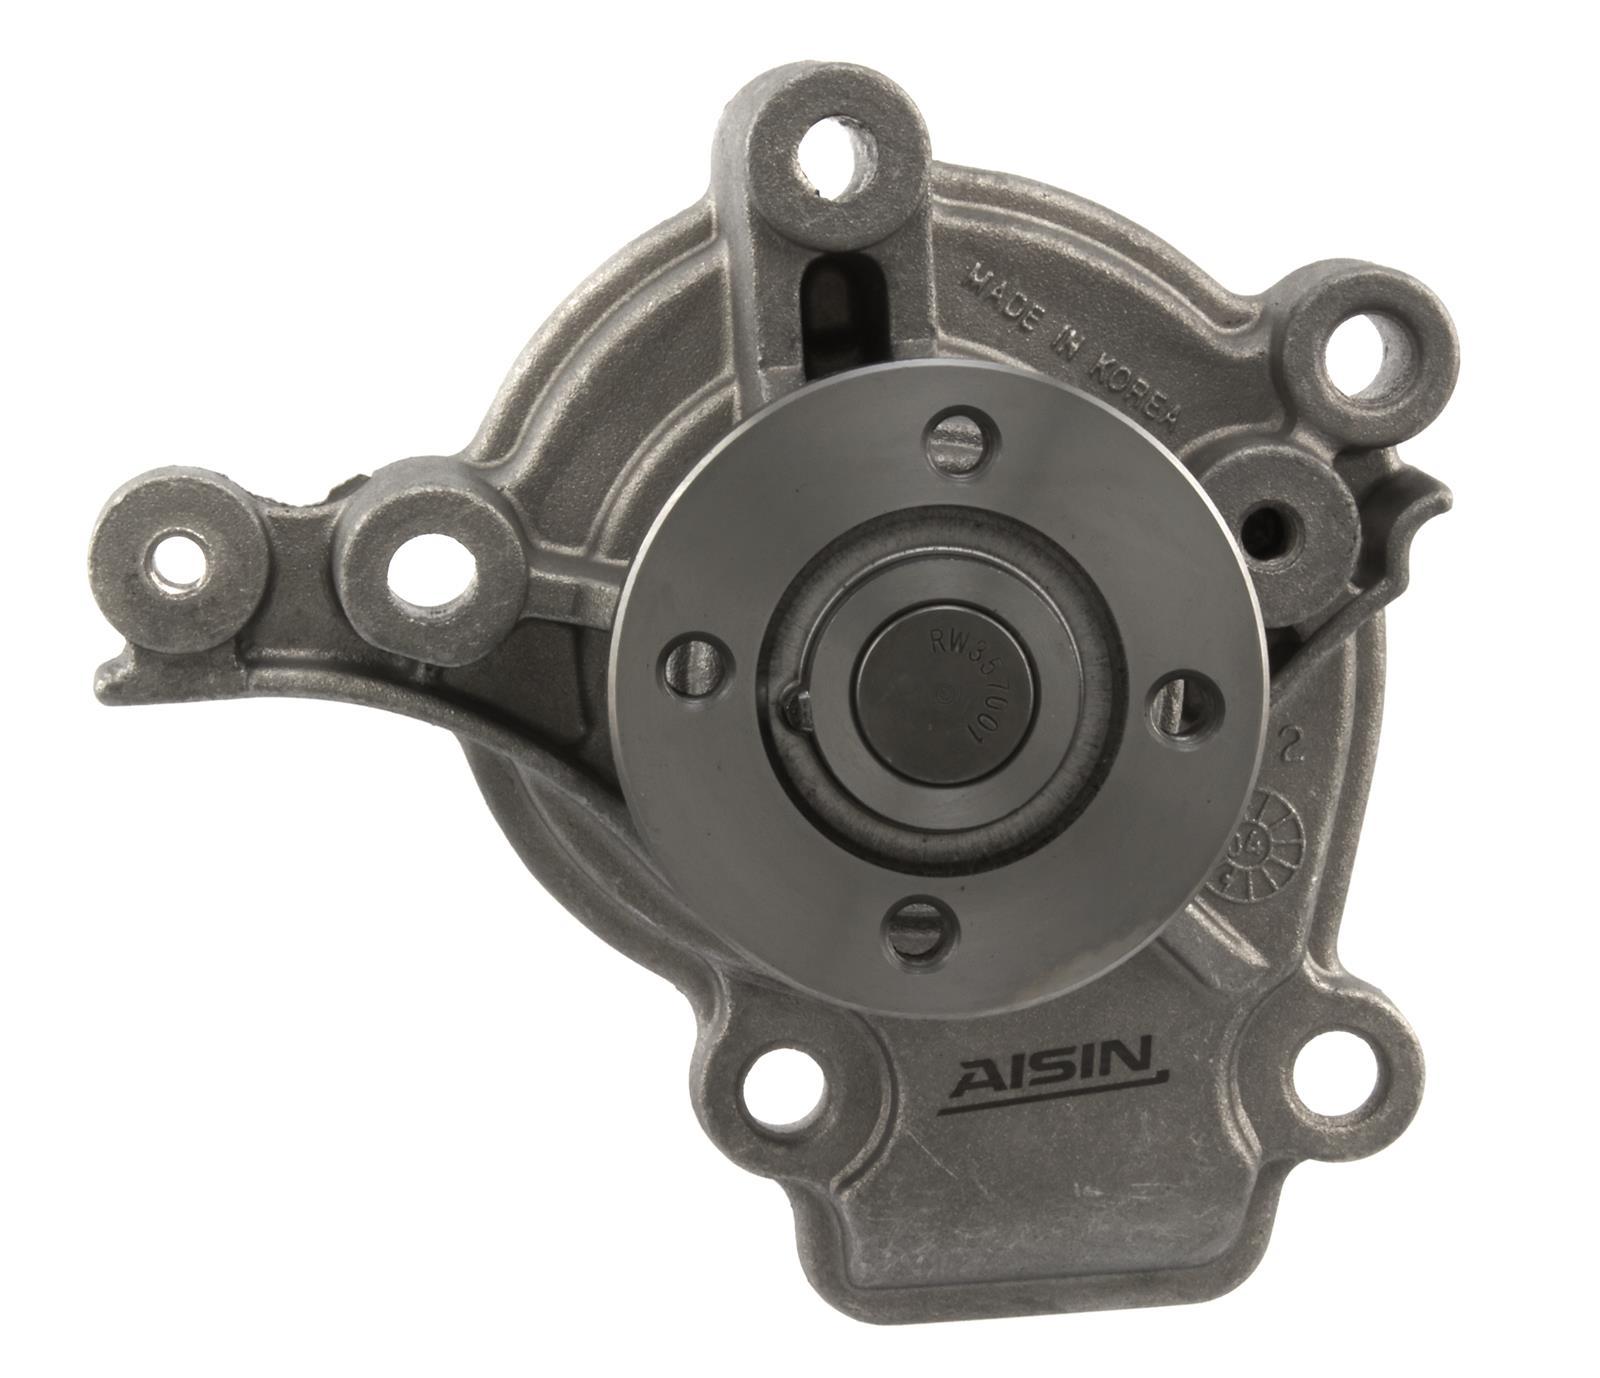 Aisin WPK-802 Engine Water Pump